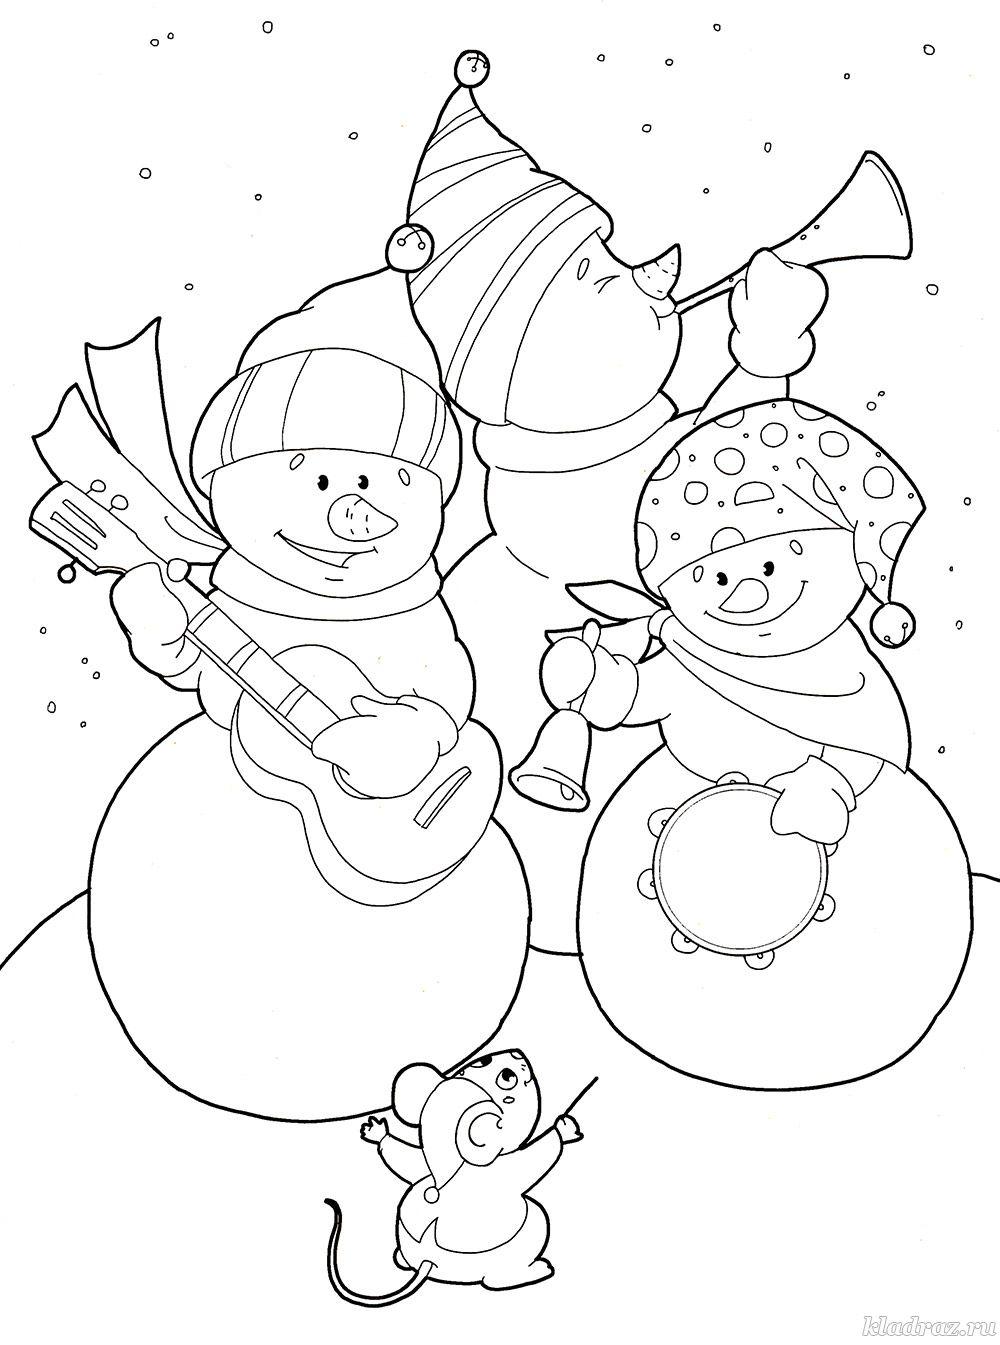 Зимняя раскраска для детей 5-7 лет. Снеговики и мышка